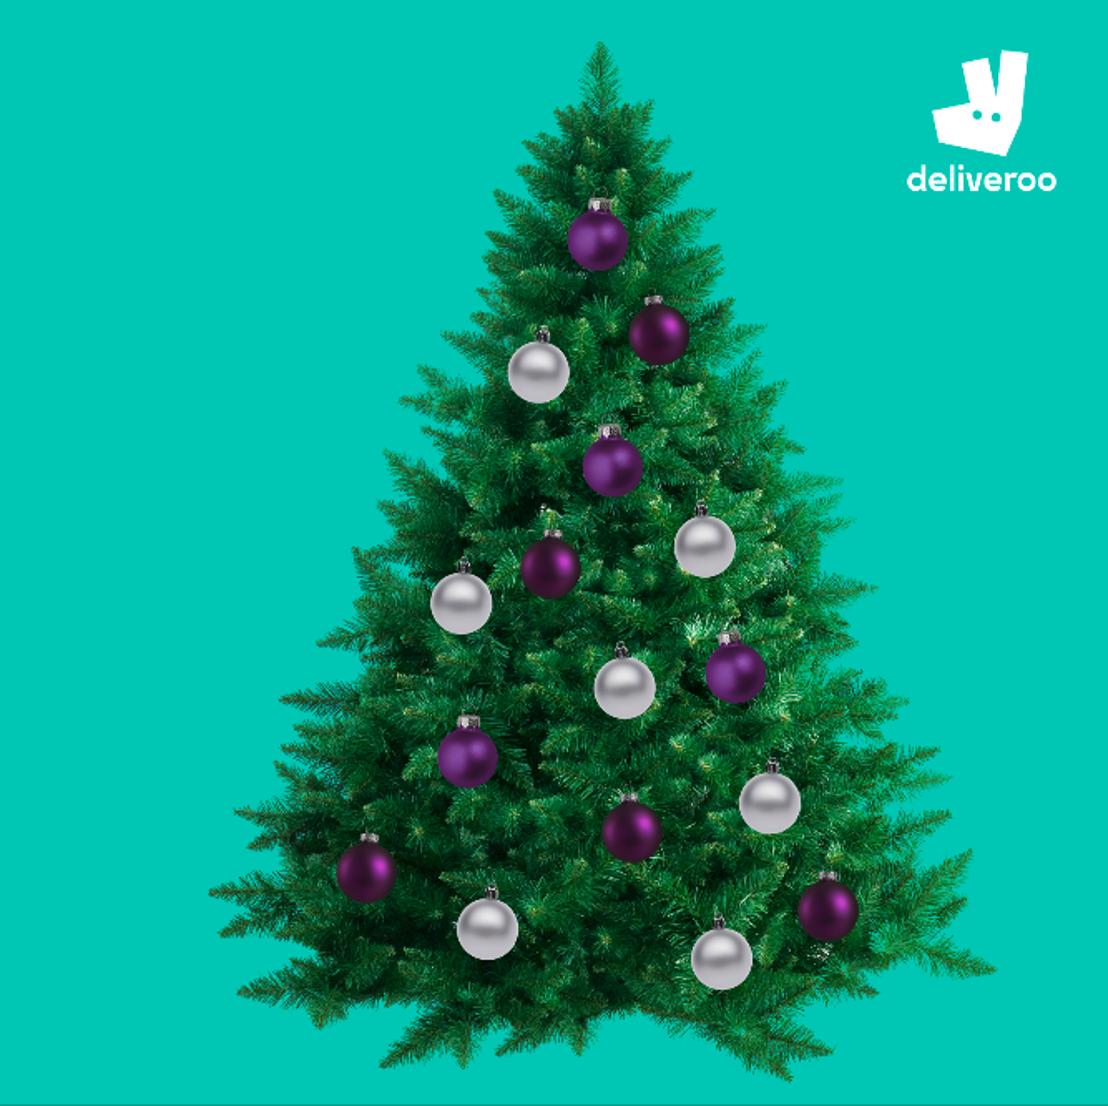 Eetbare kerstboom van Deliveroo siert Brusselse kerstmarkt